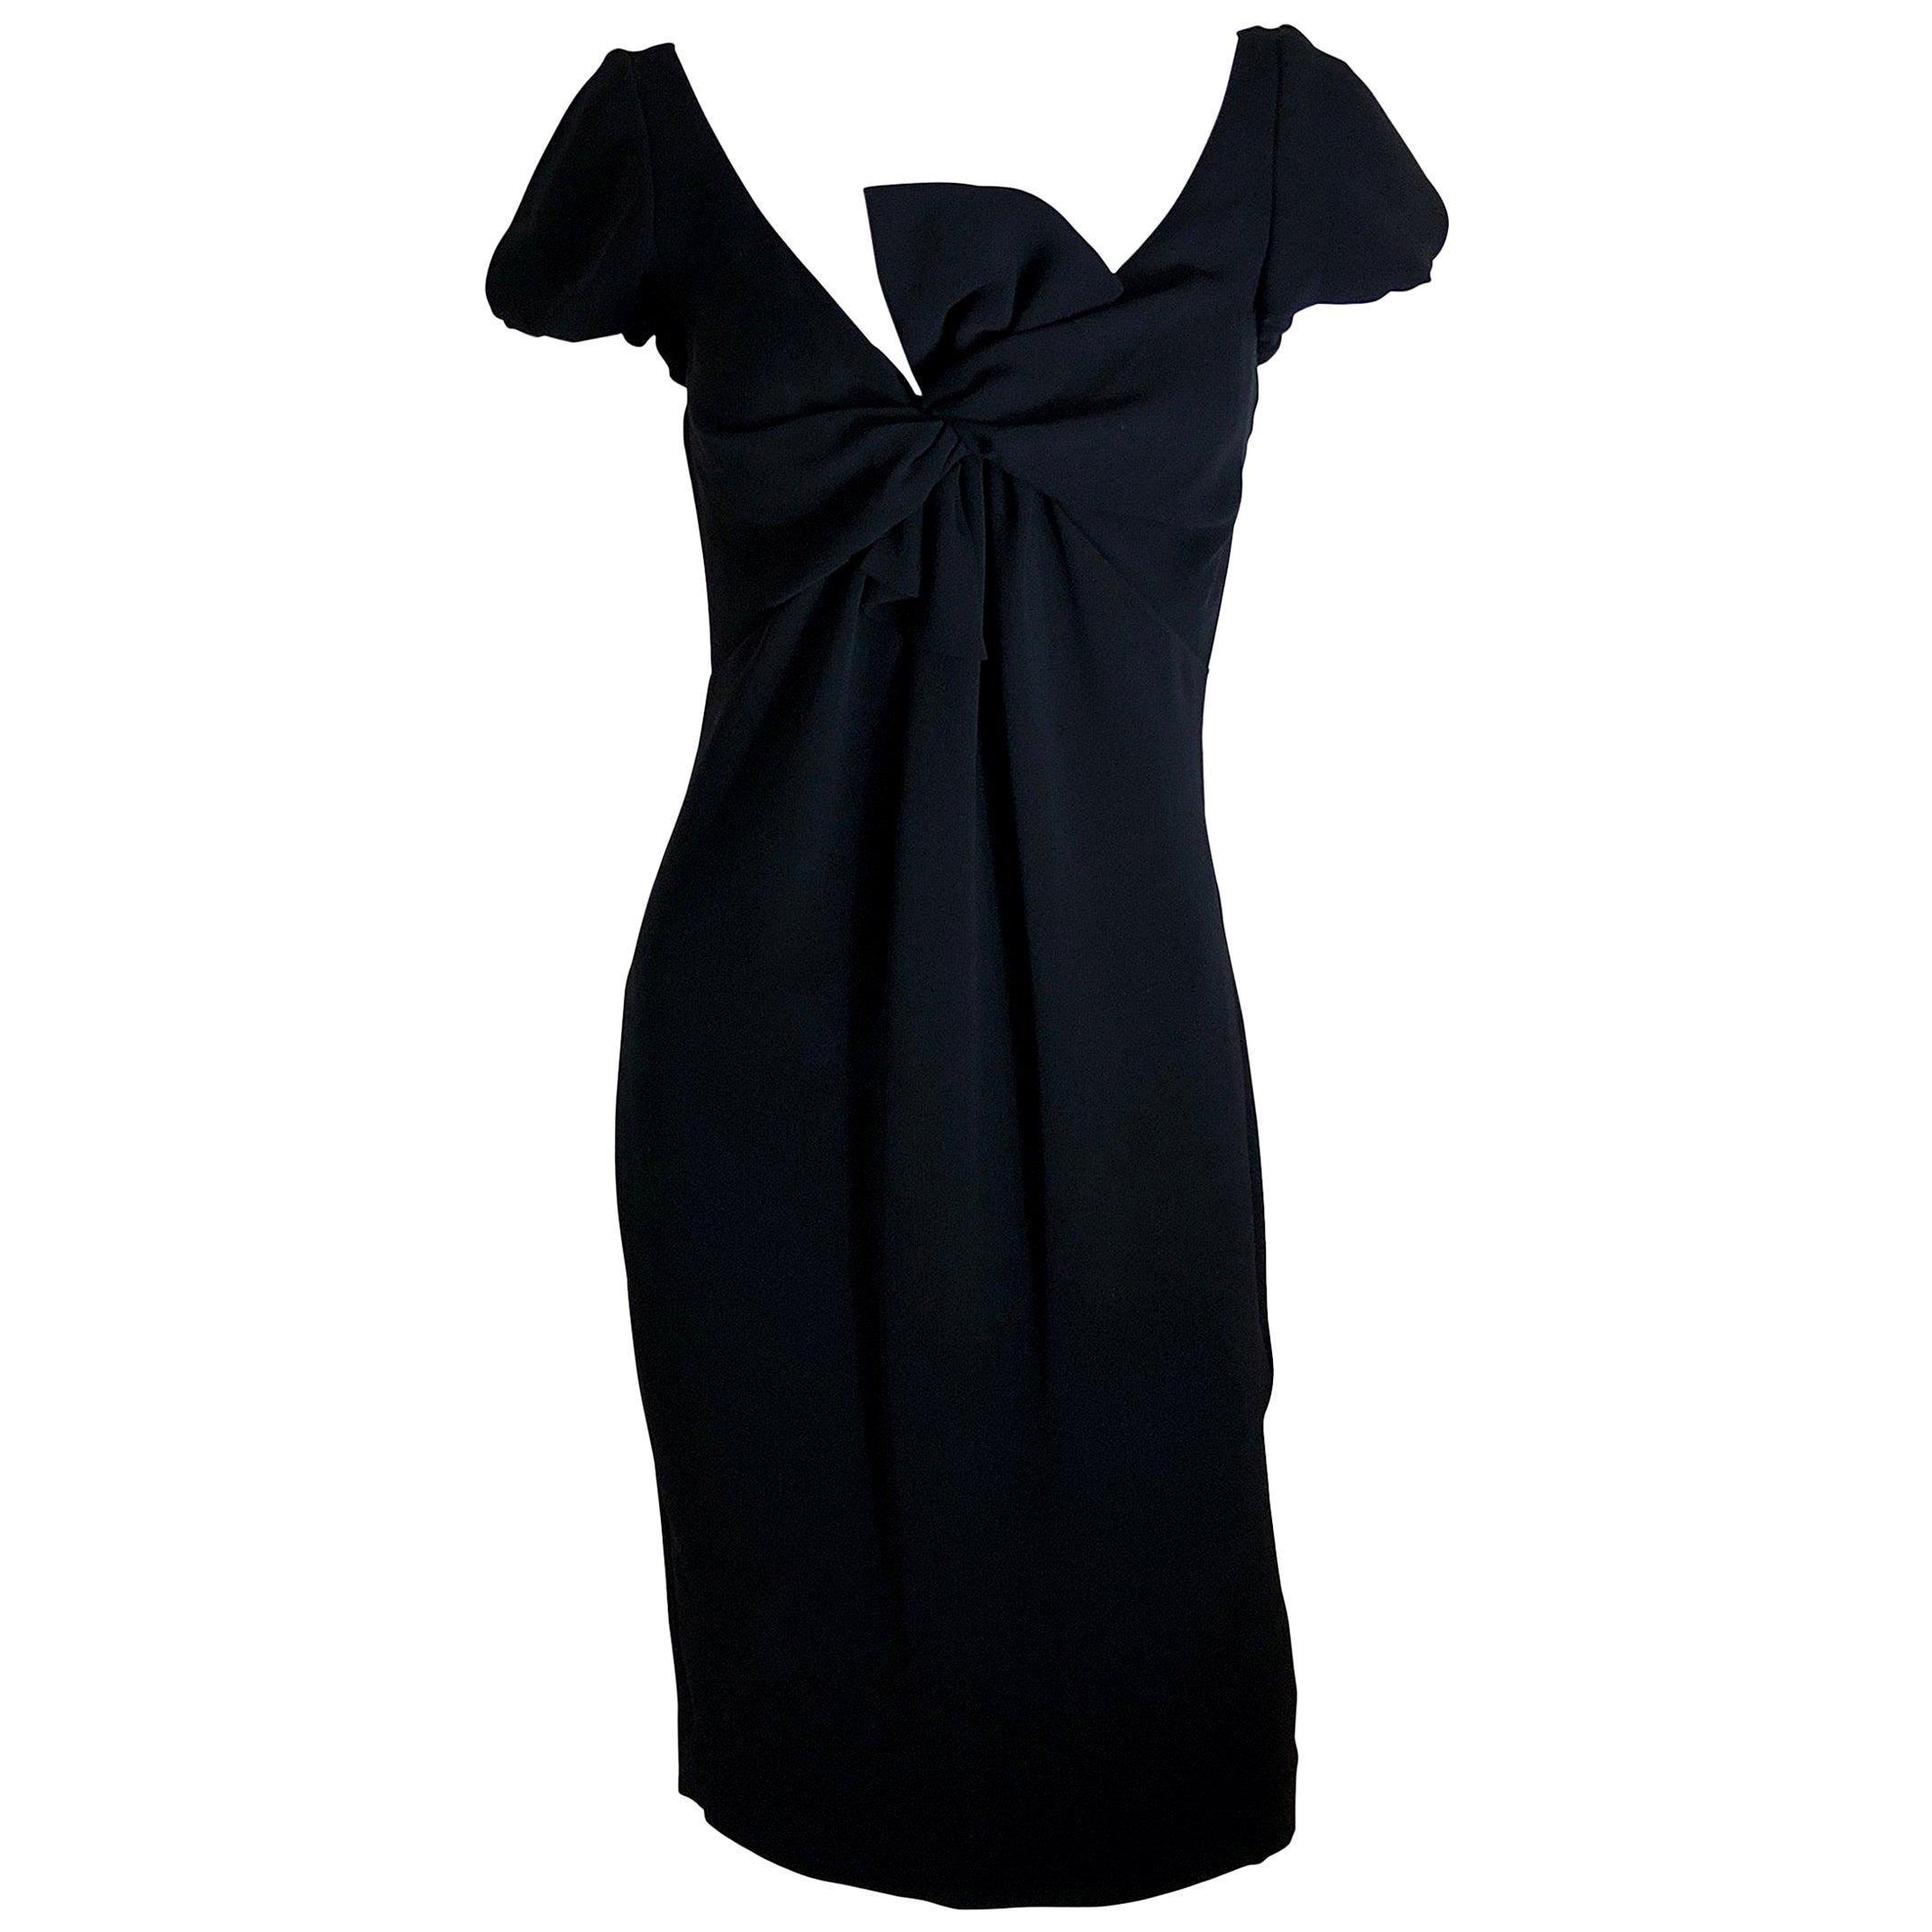 Giambattista Valli Black Sueded Silk Size 42/S Cocktail Dress w/ Princess Sleeve